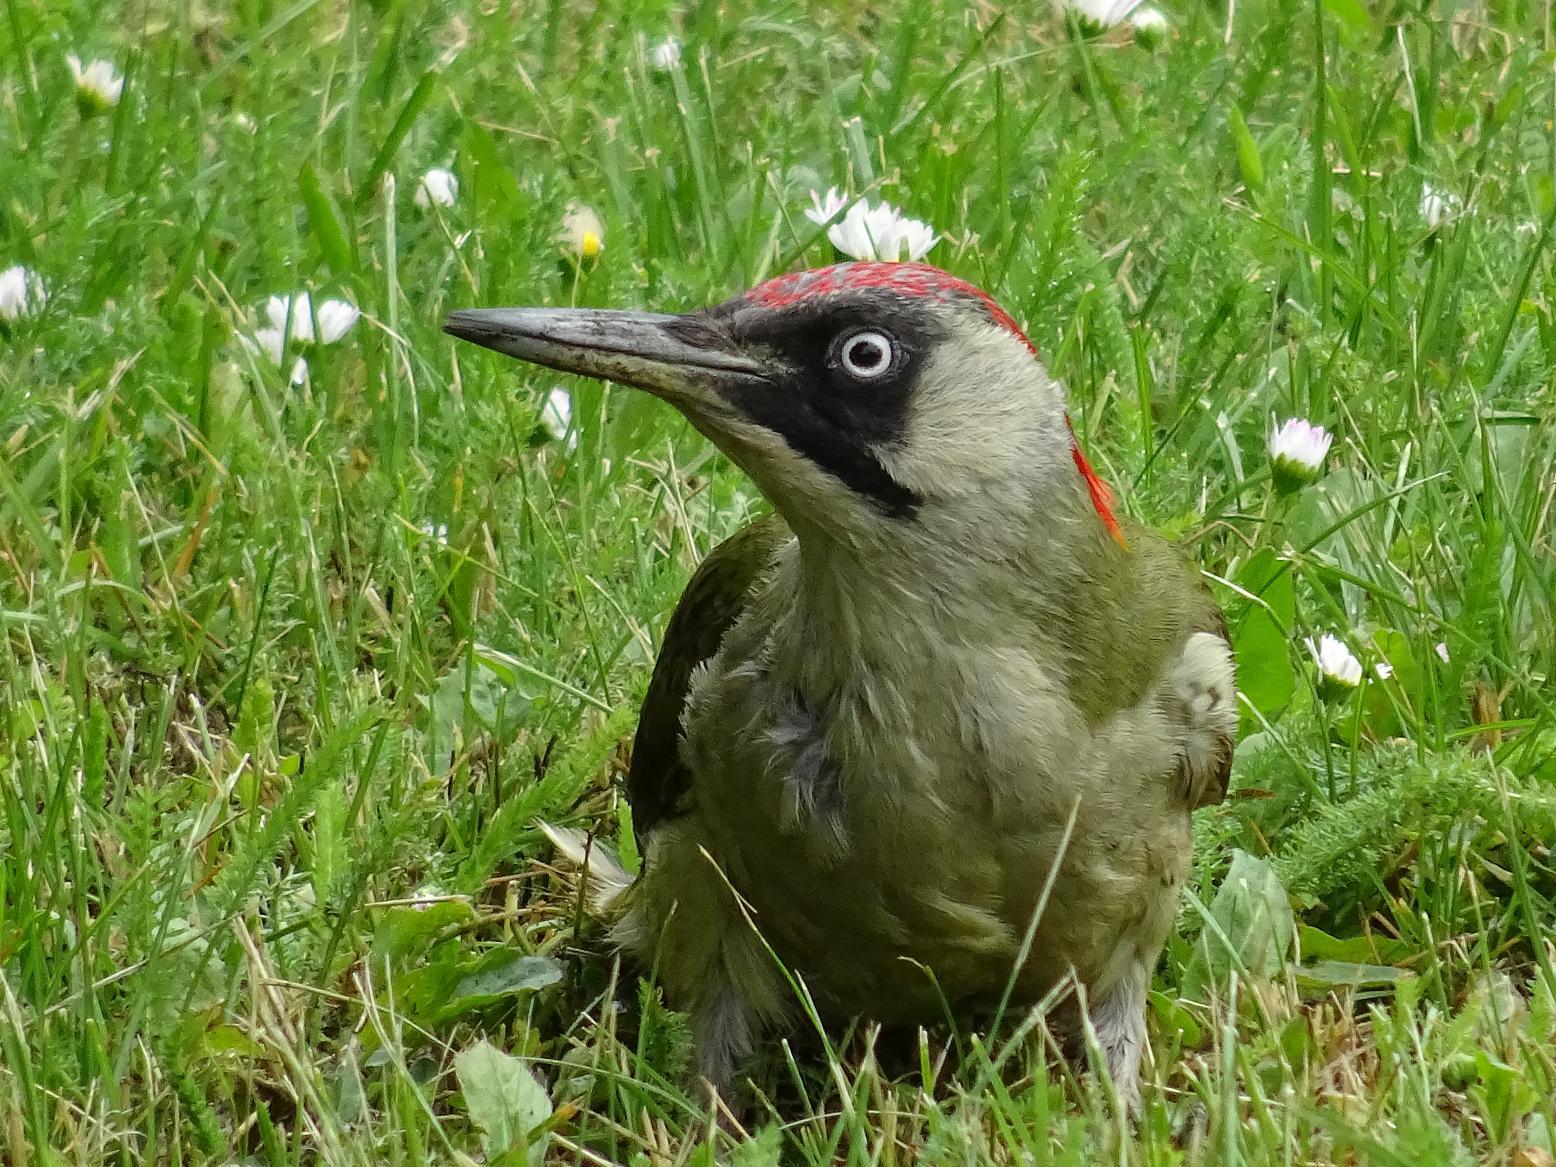 Зелёный дятел (Picus viridis). Автор фото: Кирилова Любовь